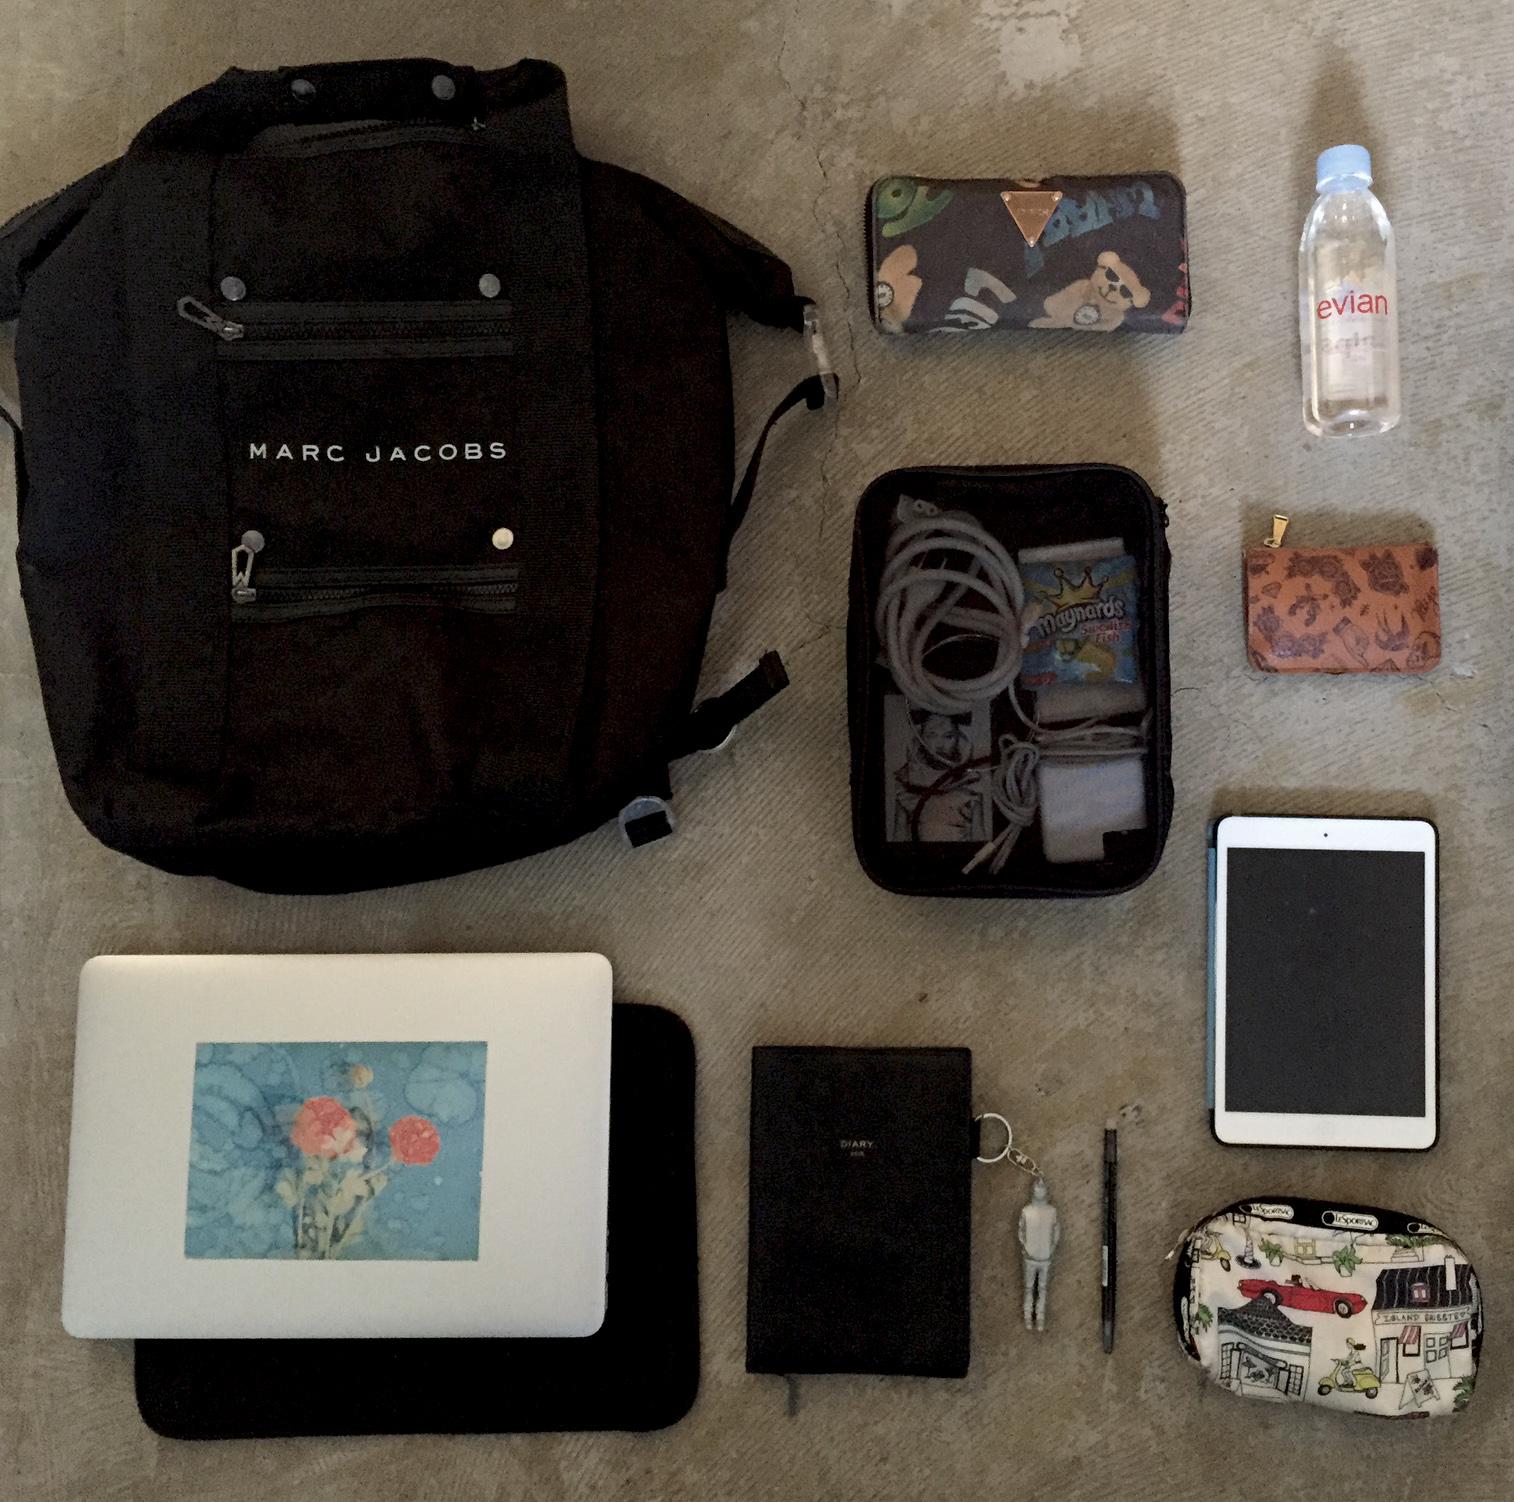 お洒落にまとめる♪出張の多い私の鞄の中身。@it_s_you_